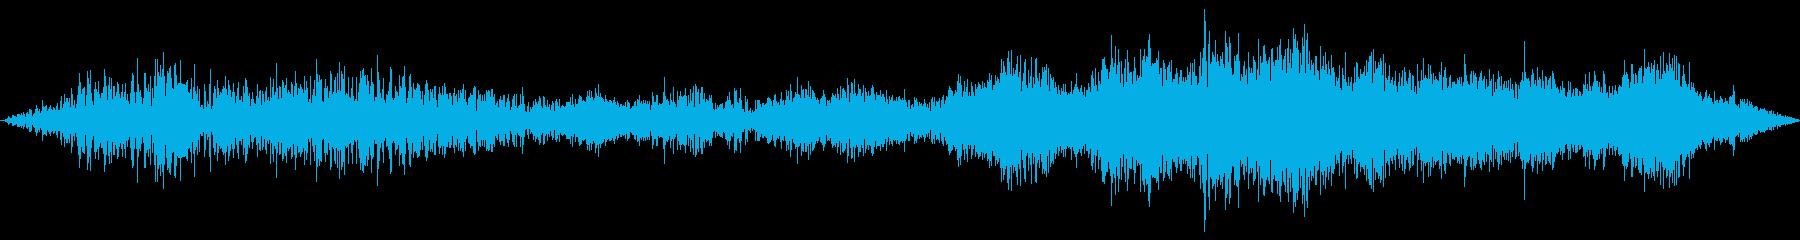 ディープスペースインターフェレンス...の再生済みの波形